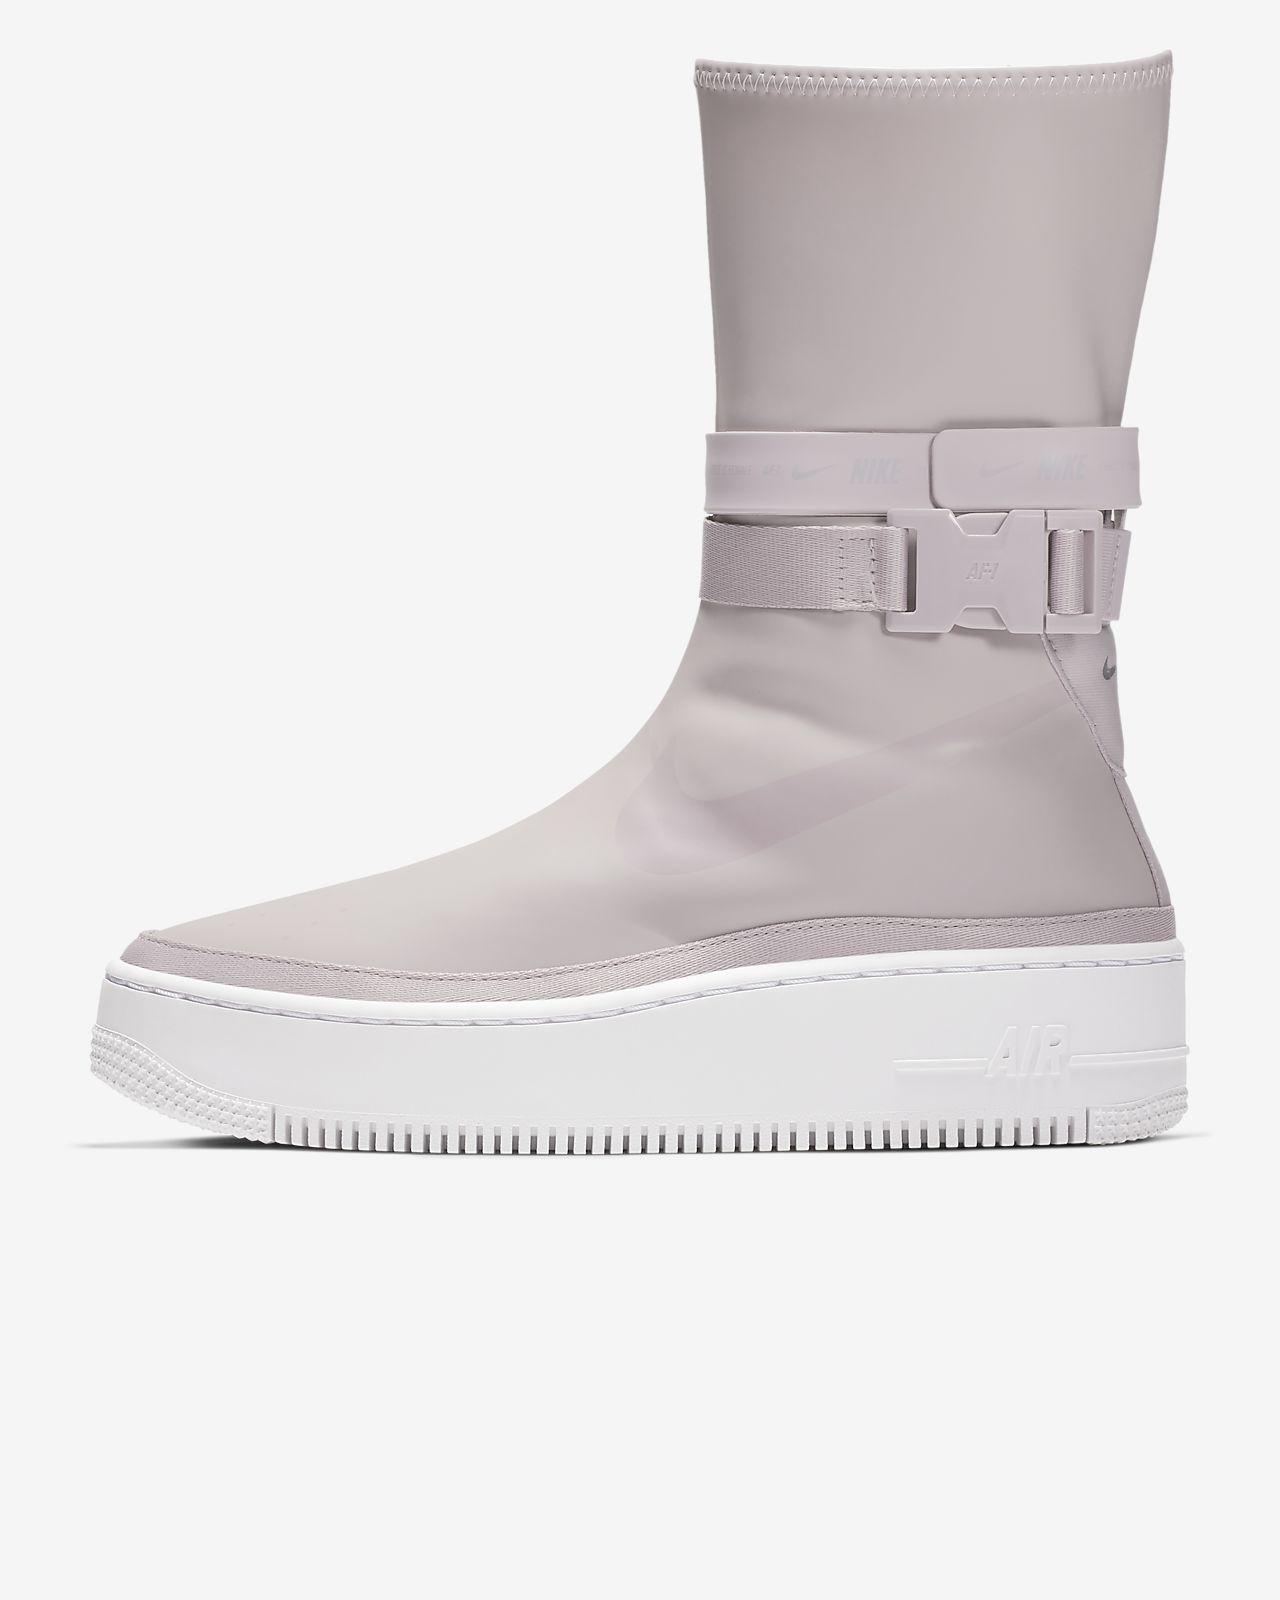 Nike Air Force 1 Sage High Damenschuh